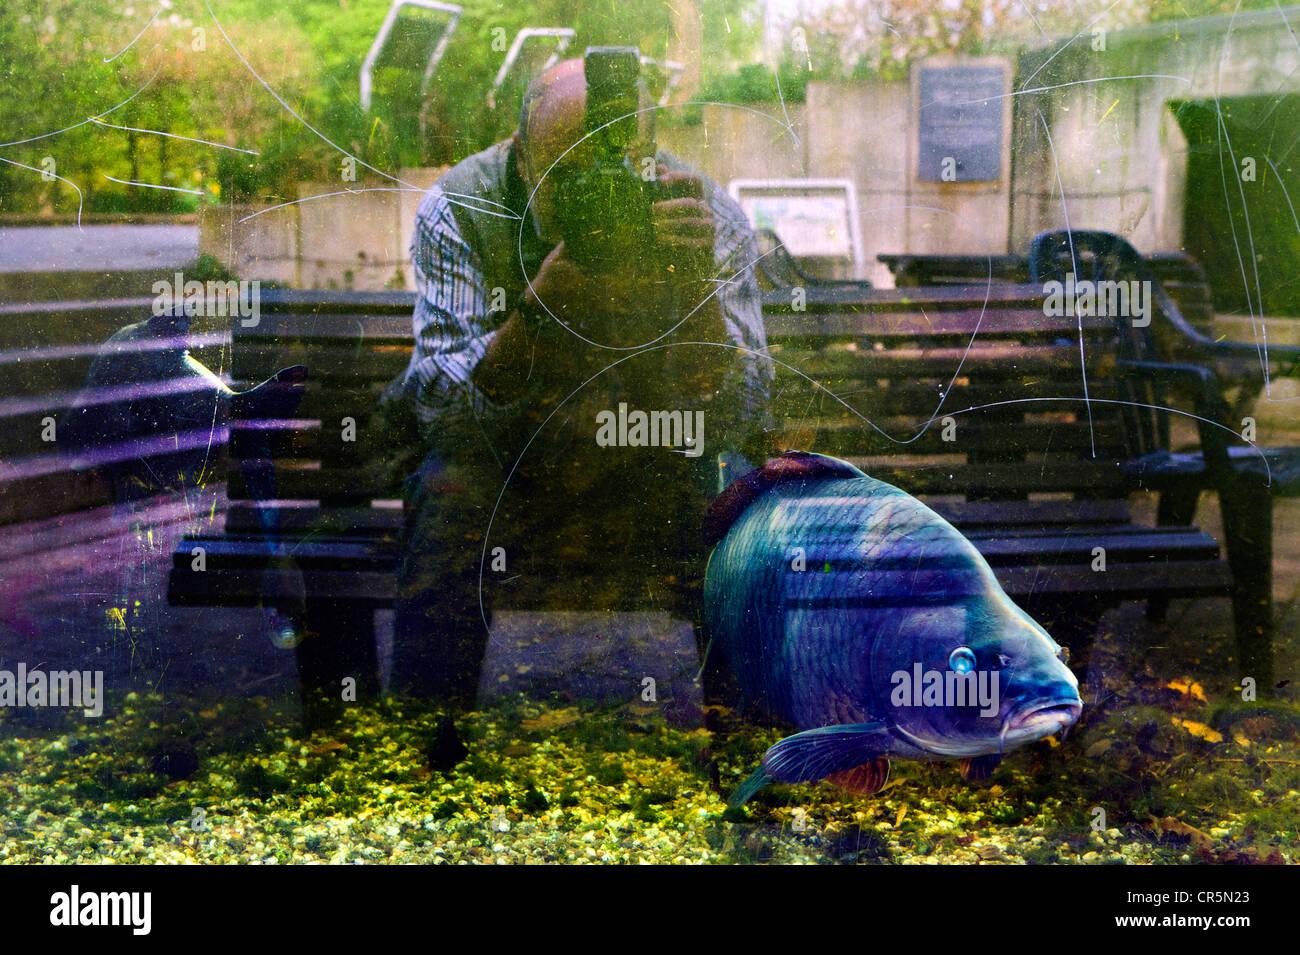 El fotógrafo se refleja en el cristal de un acuario Foto de stock